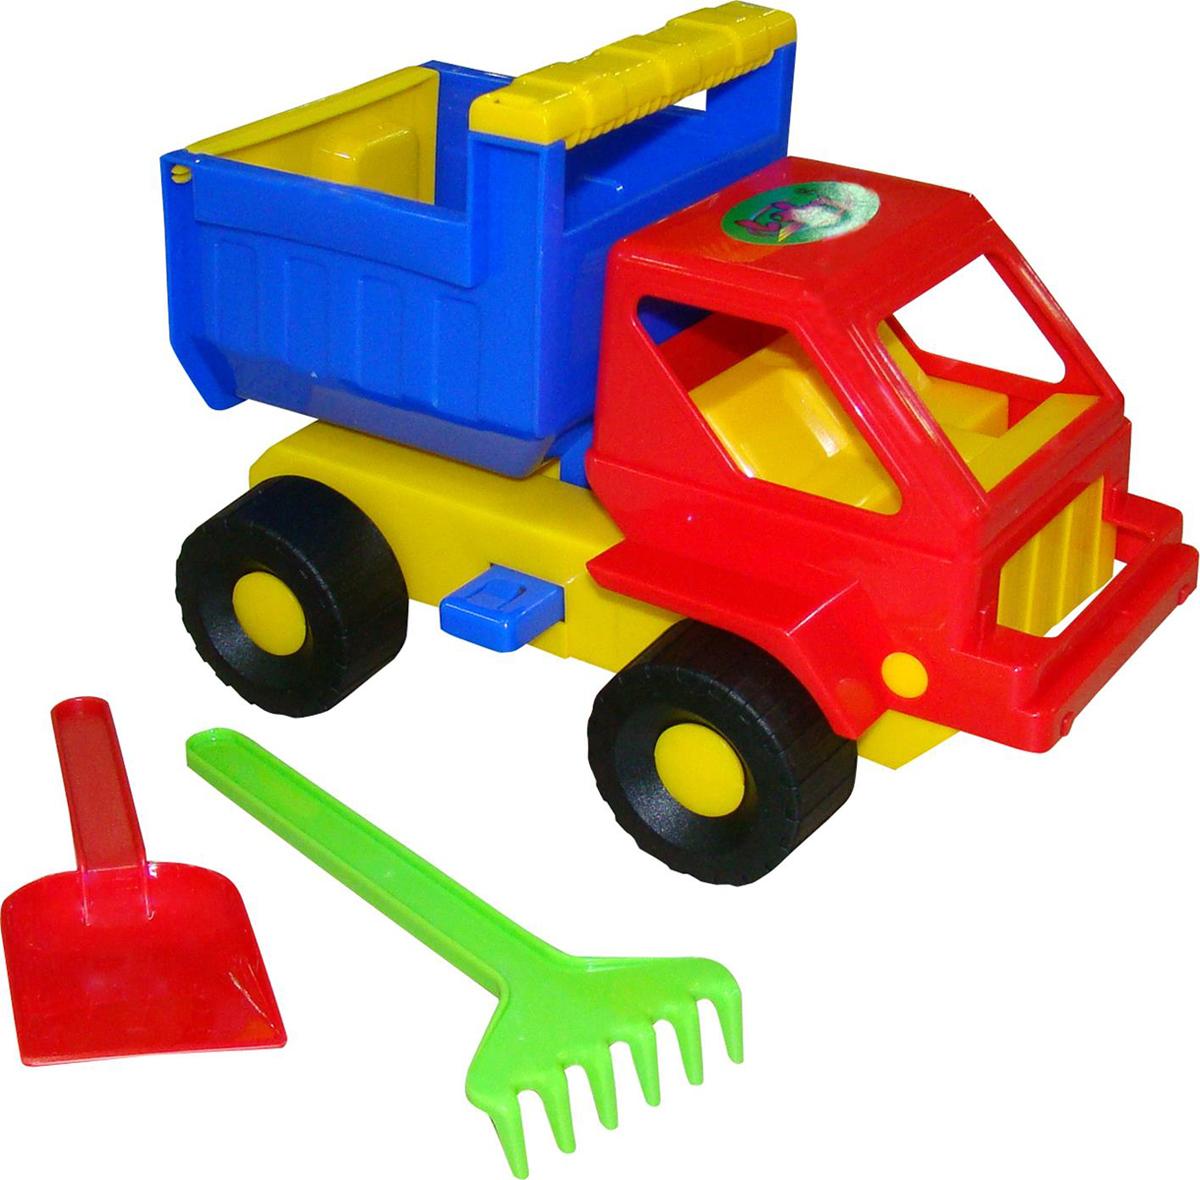 Полесье Набор игрушек для песочницы №14 Кузя полесье набор игрушек для песочницы 73